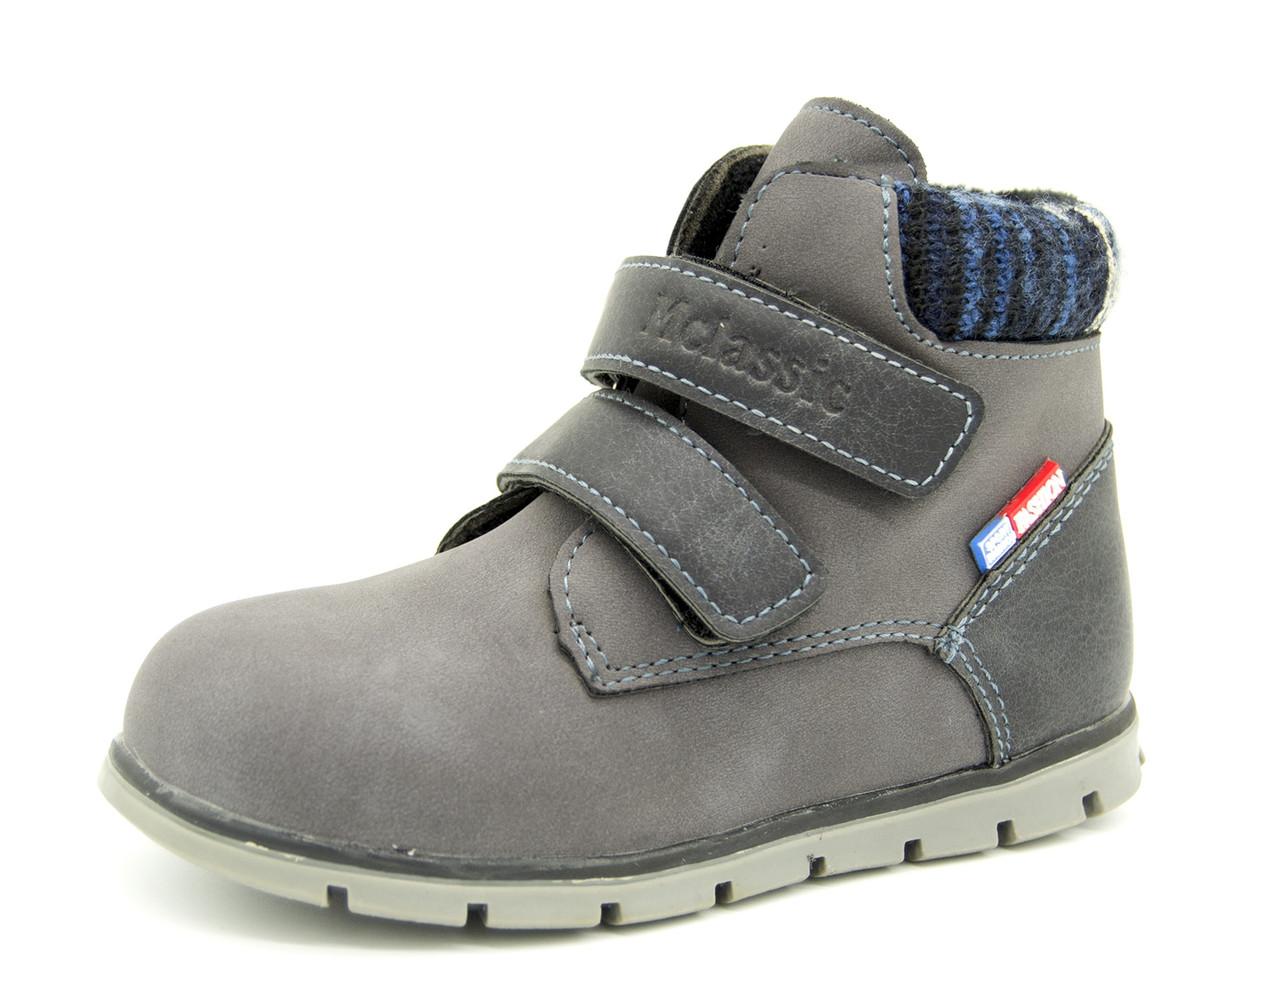 Демисезонные ботинки для мальчика Цвет - Серый